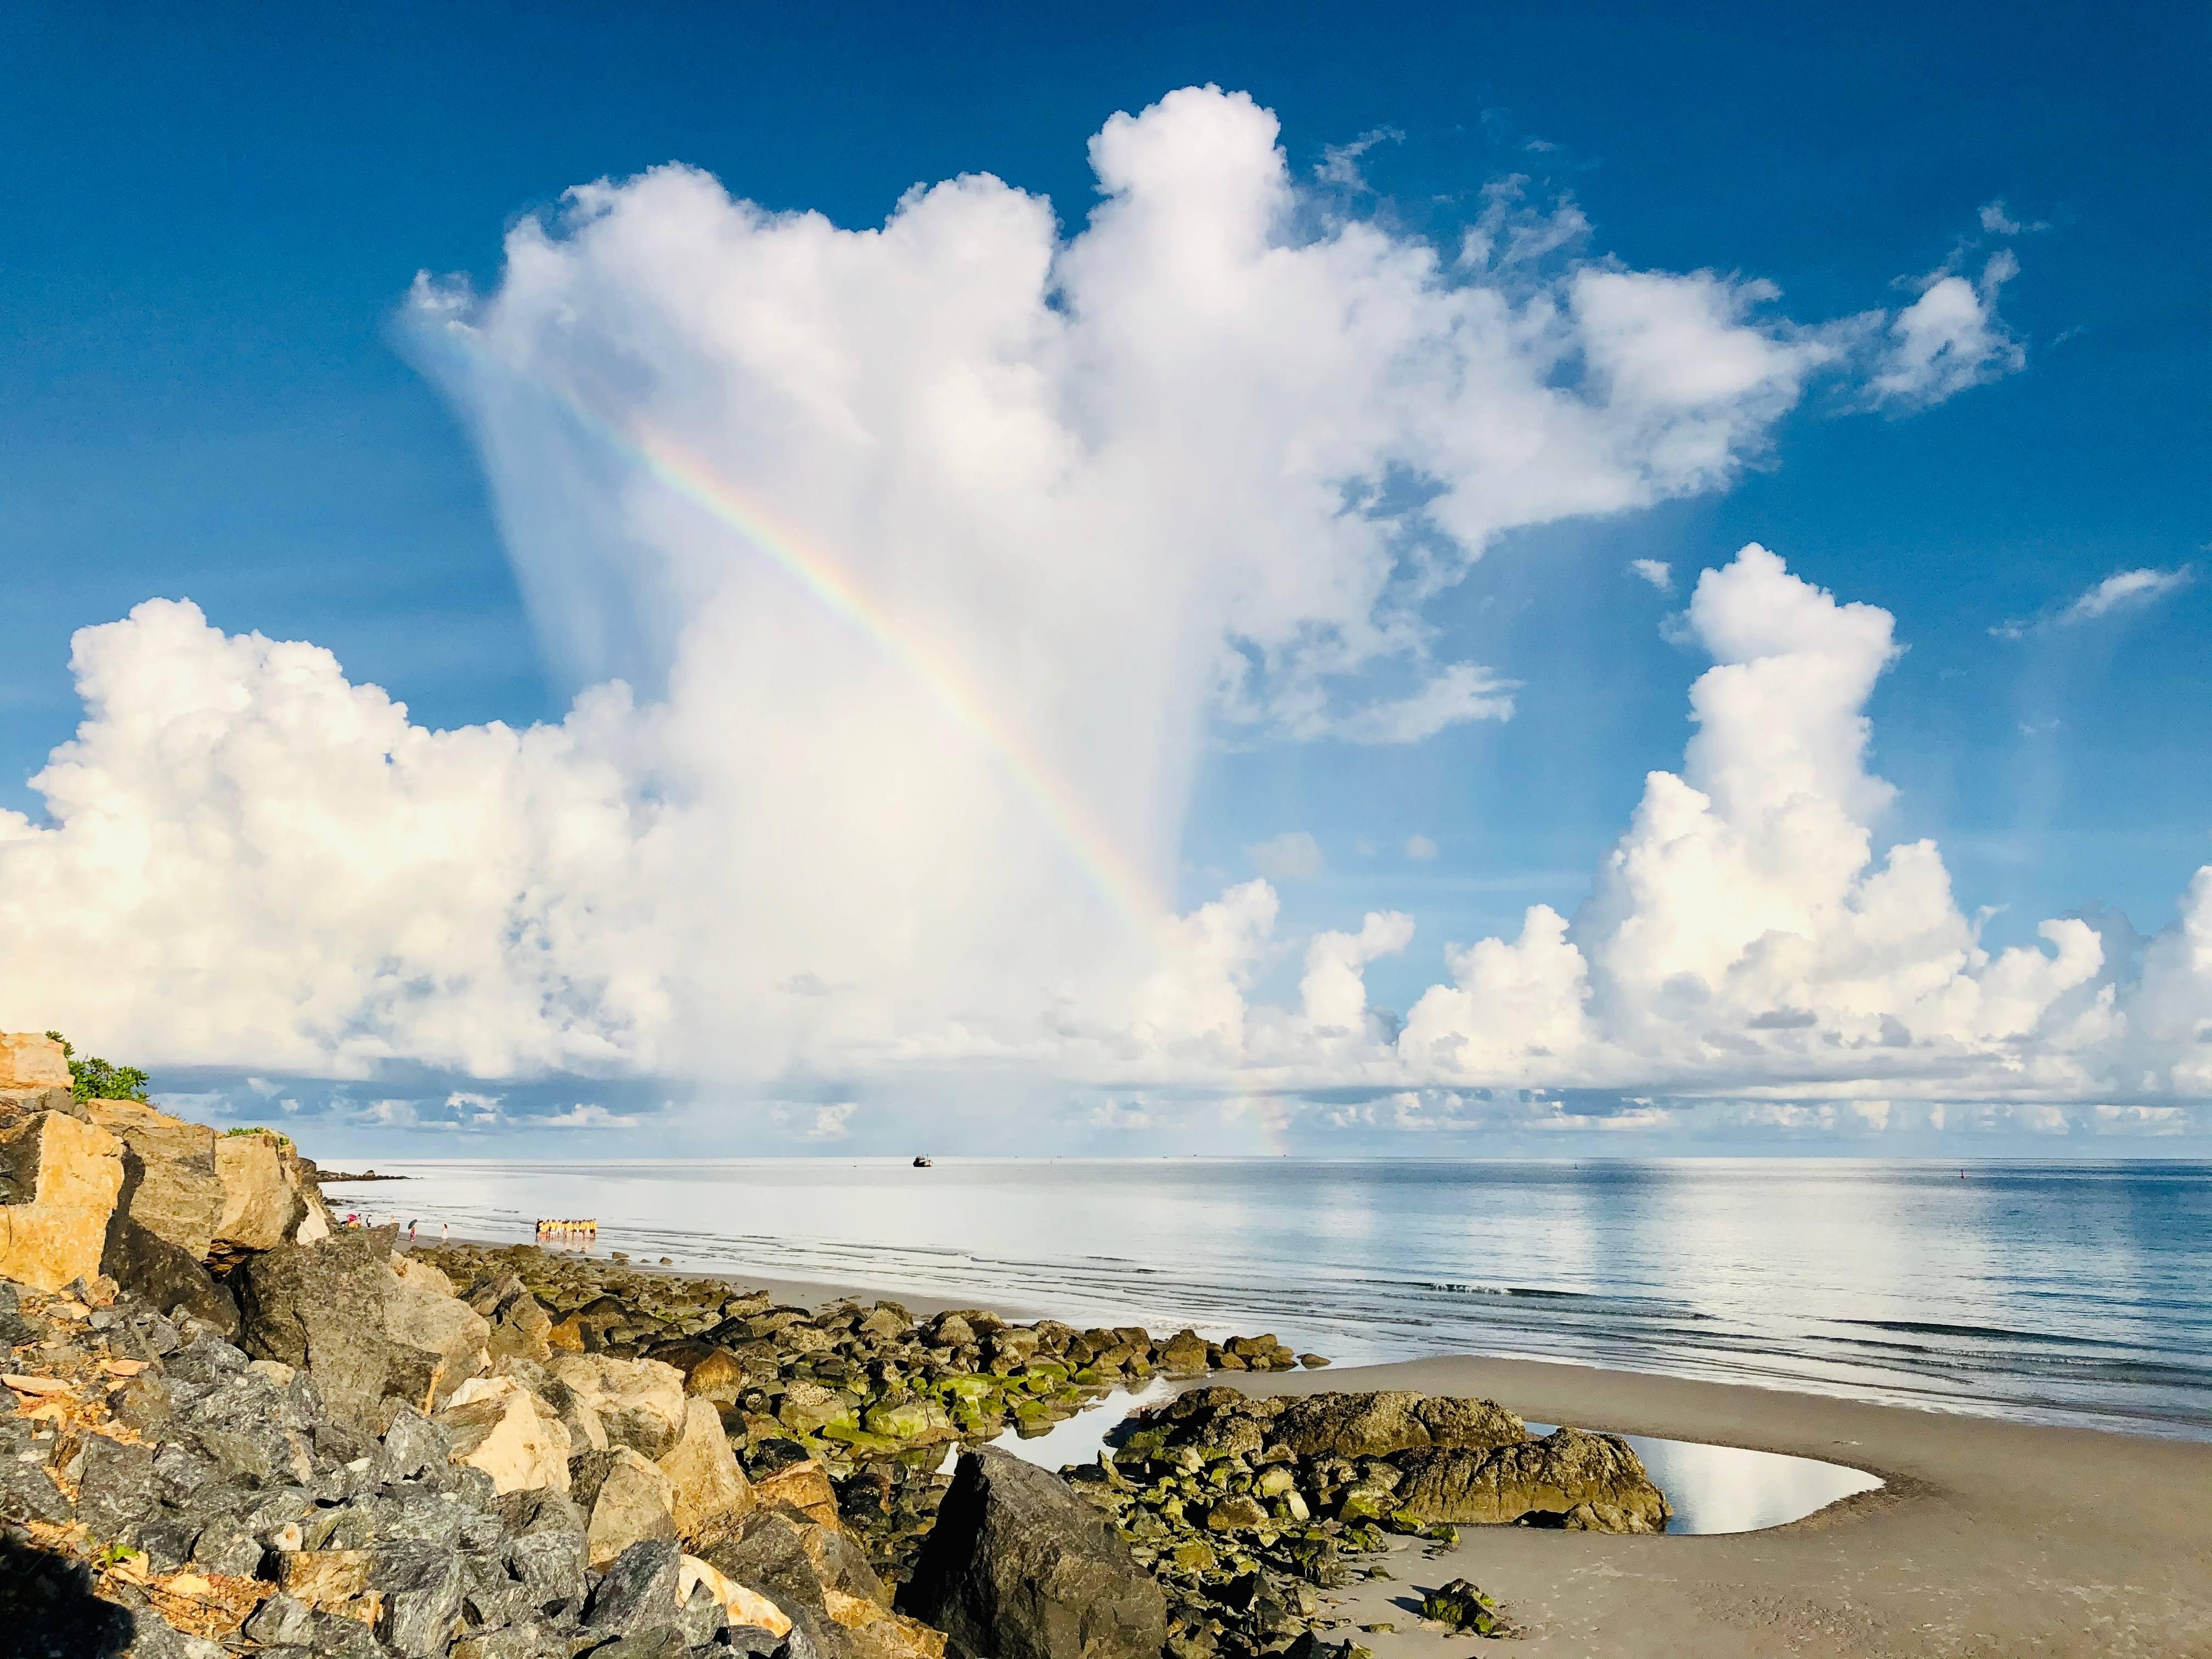 Điểm danh 15 địa điểm siêu đẹp ở Côn Đảo lên hình cực ảo - 43